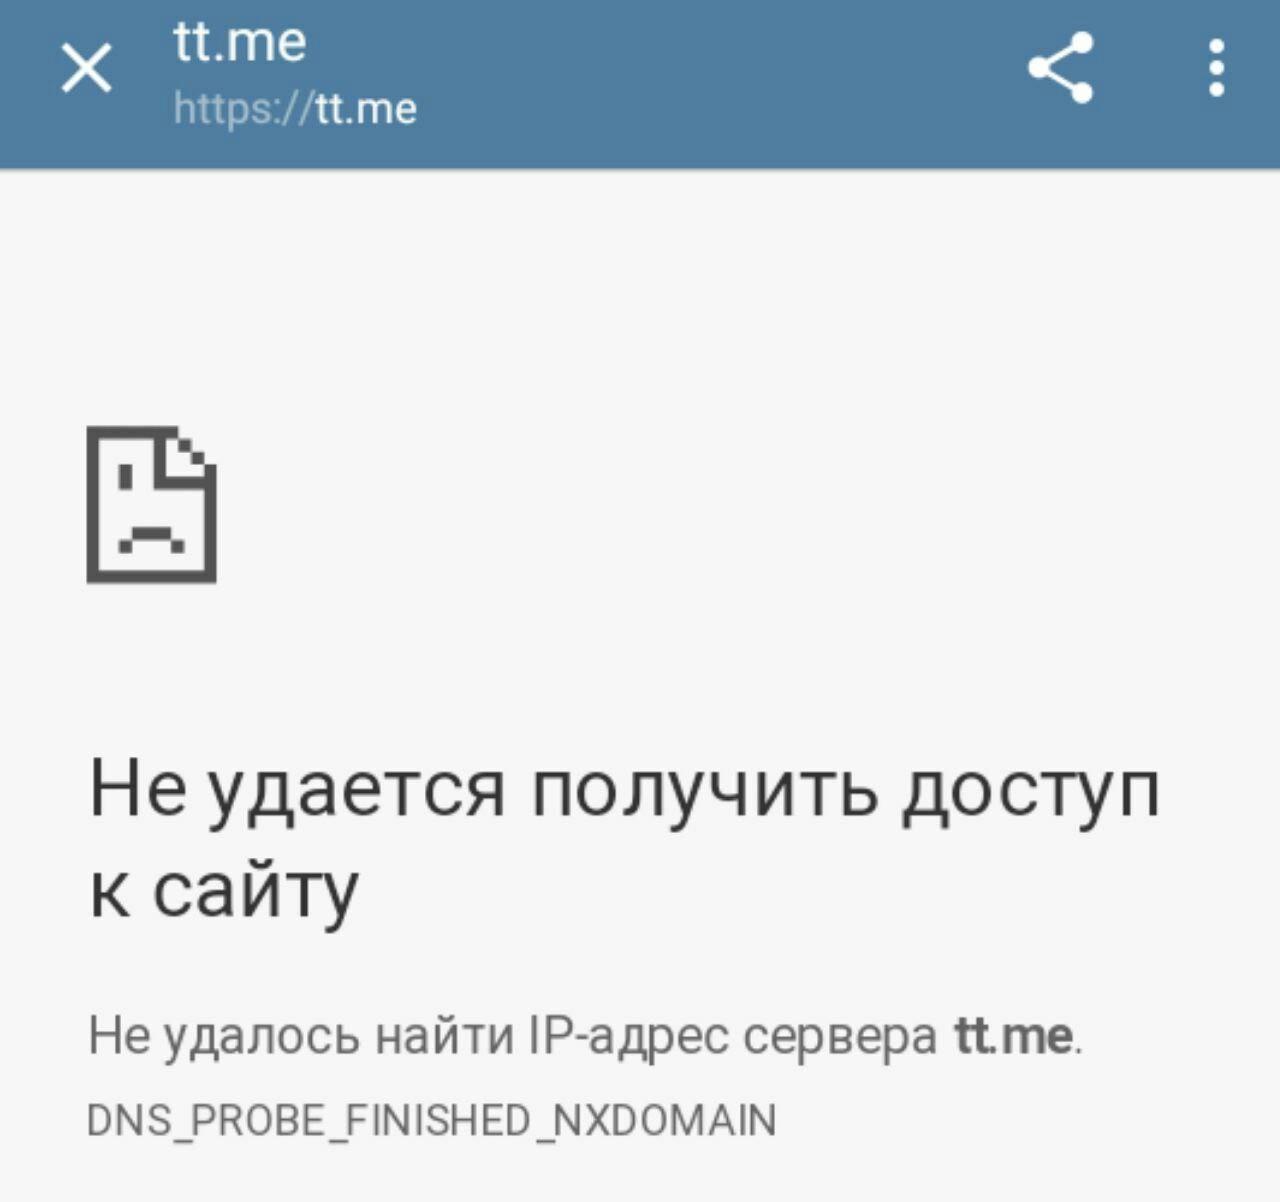 Пострадавшие от Роскомнадзора: кого зацепила борьба регулятора с Telegram1